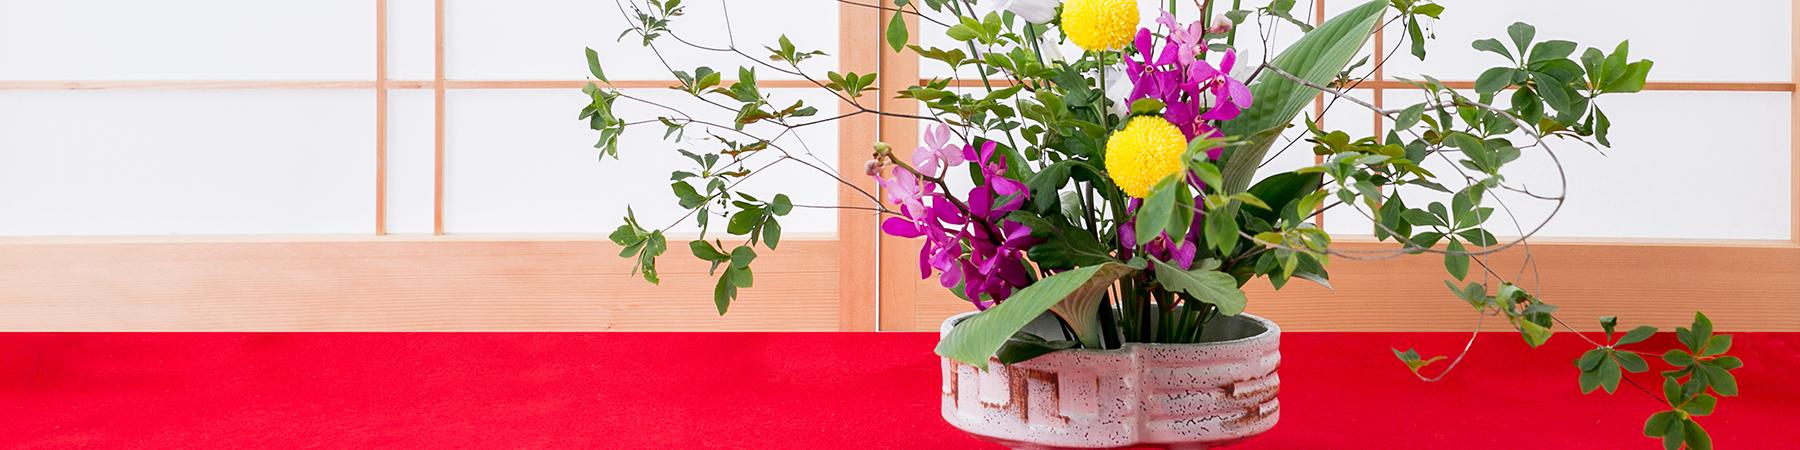 日本生活環境支援協会 | 華道アドバイザー